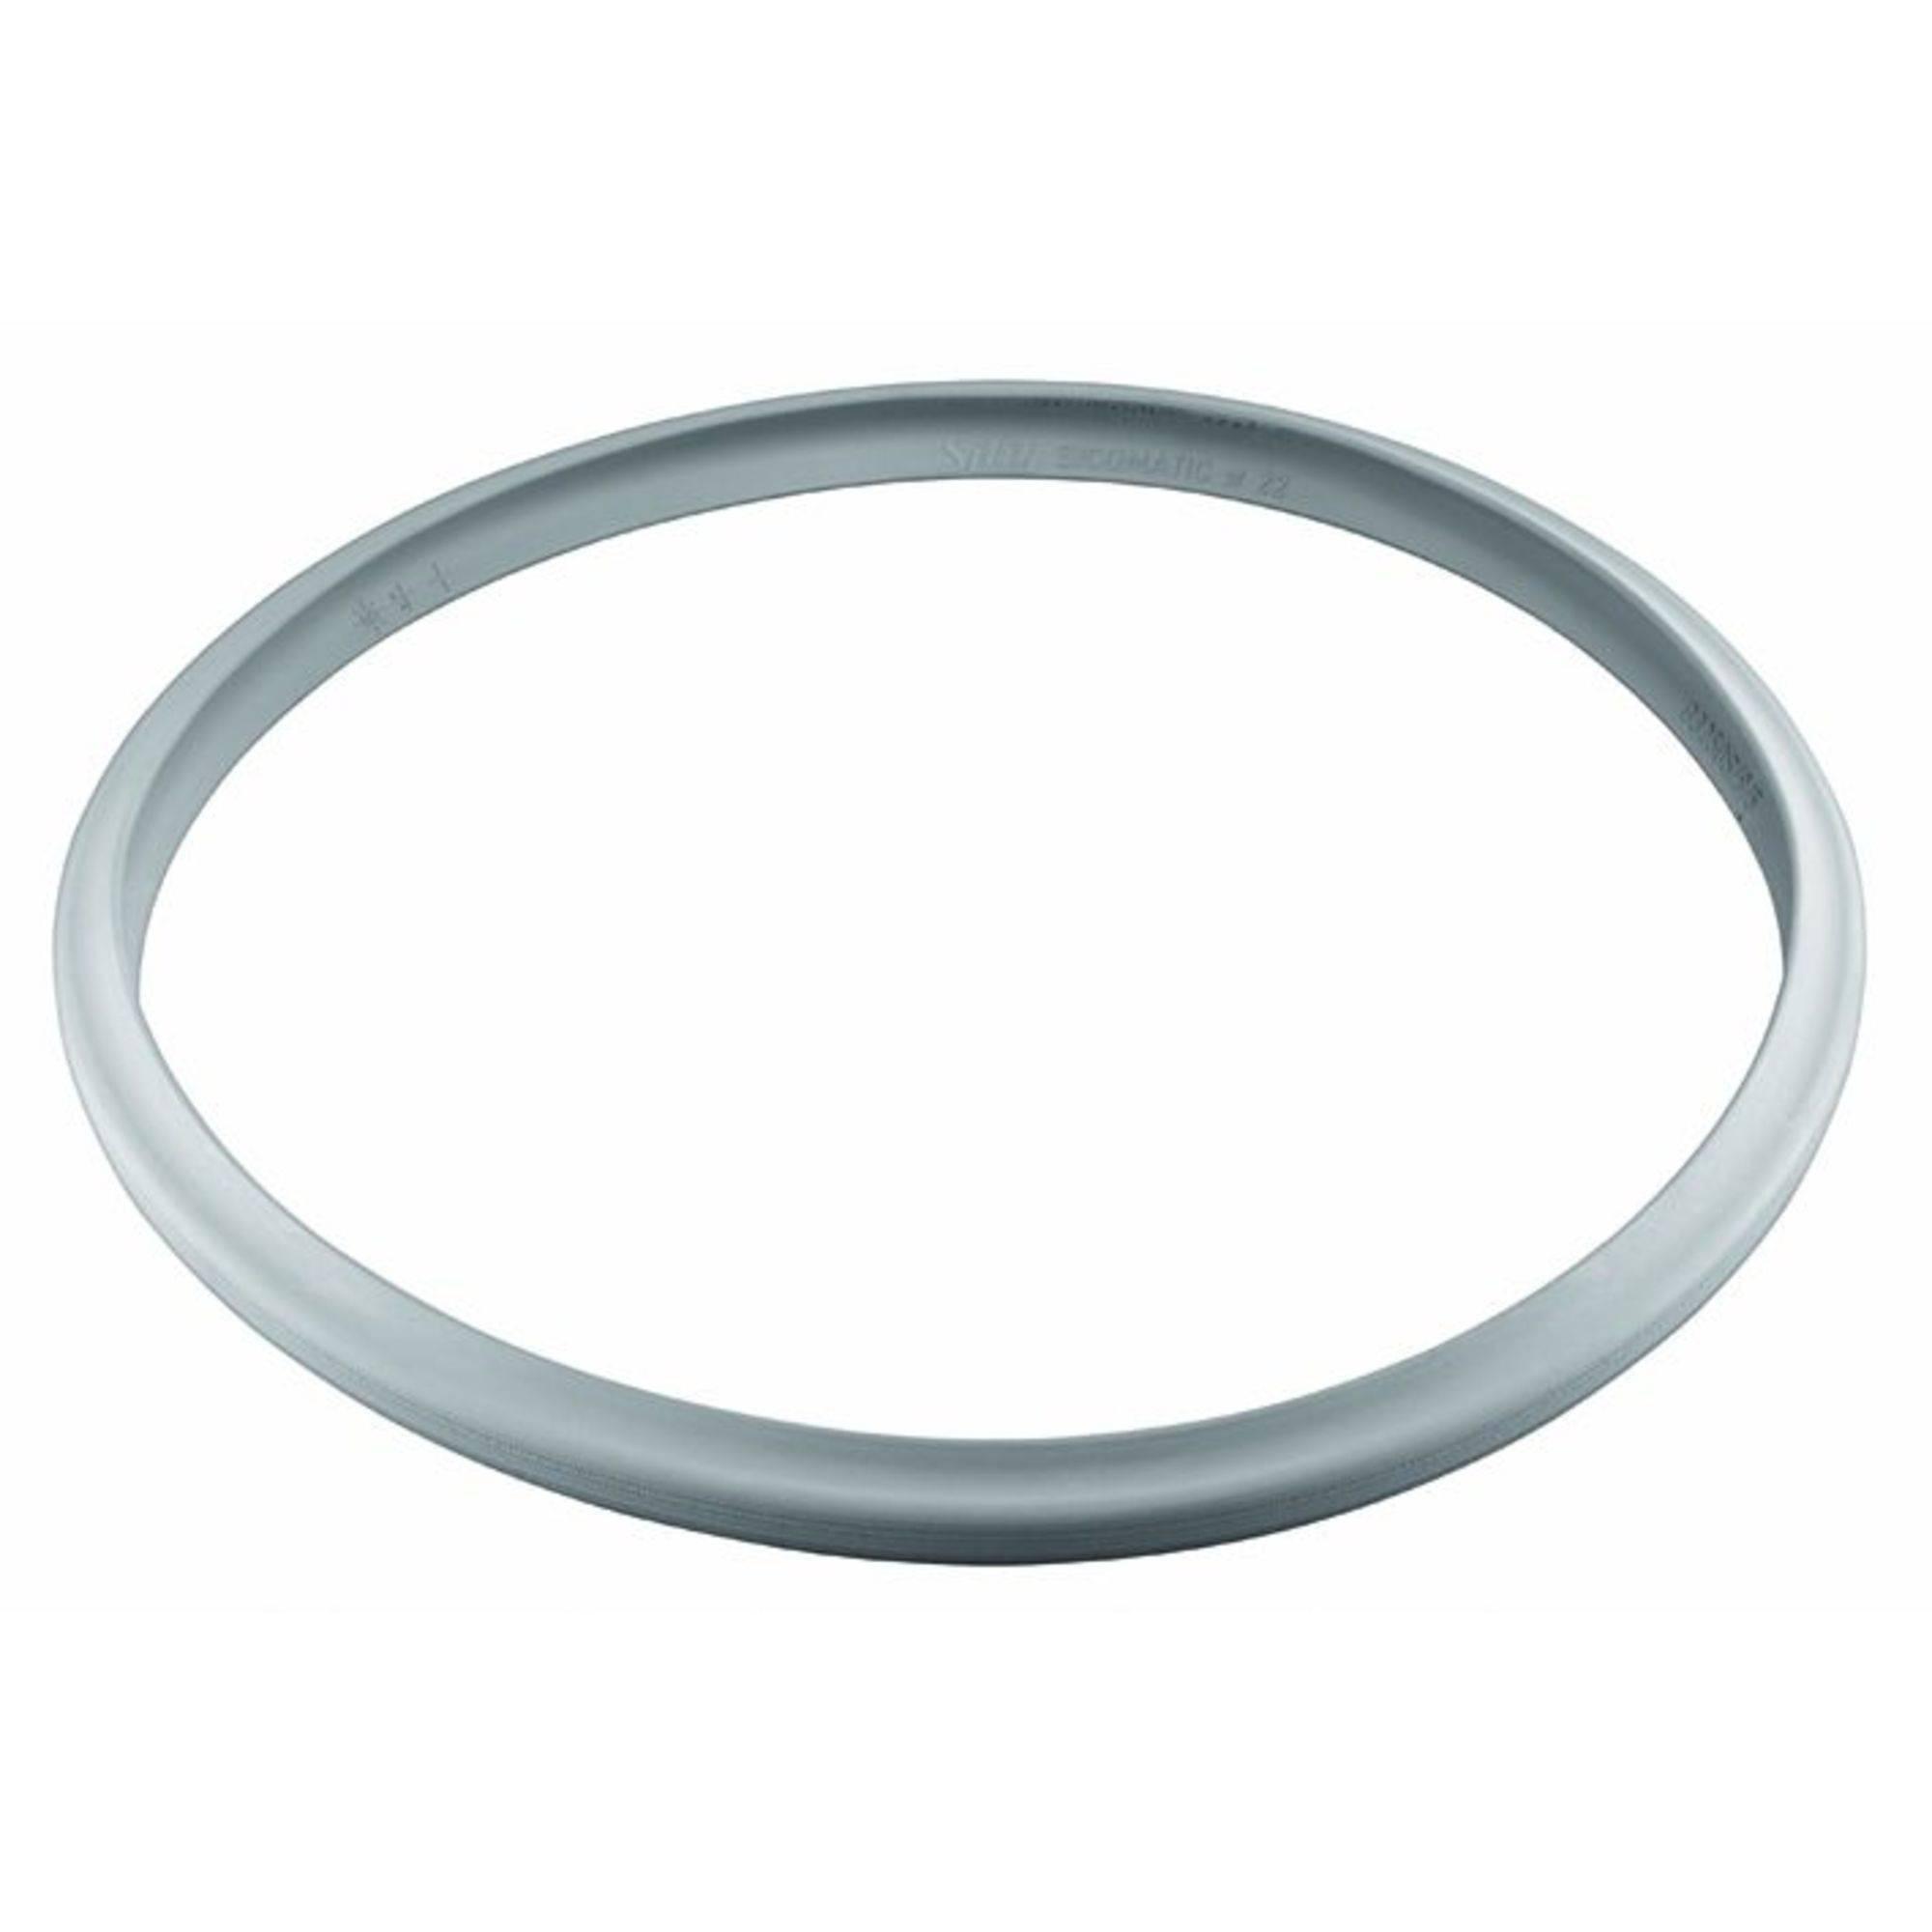 Gumové tesnenie do pokrievky k tlakovým hrncom Silit Sicomatic® 22 cm